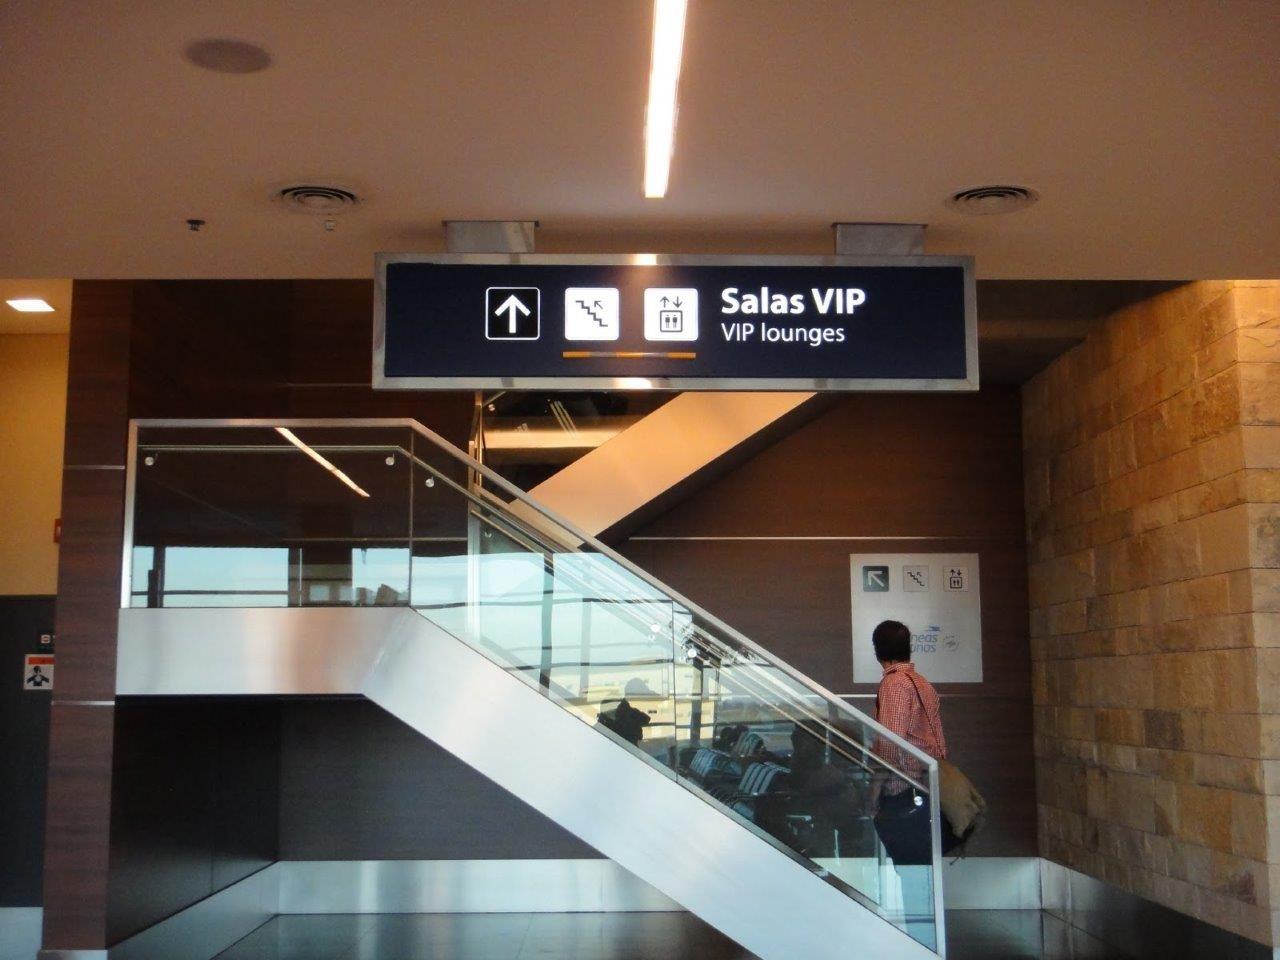 Así es el acceso a las Salas VIP de Ezeiza